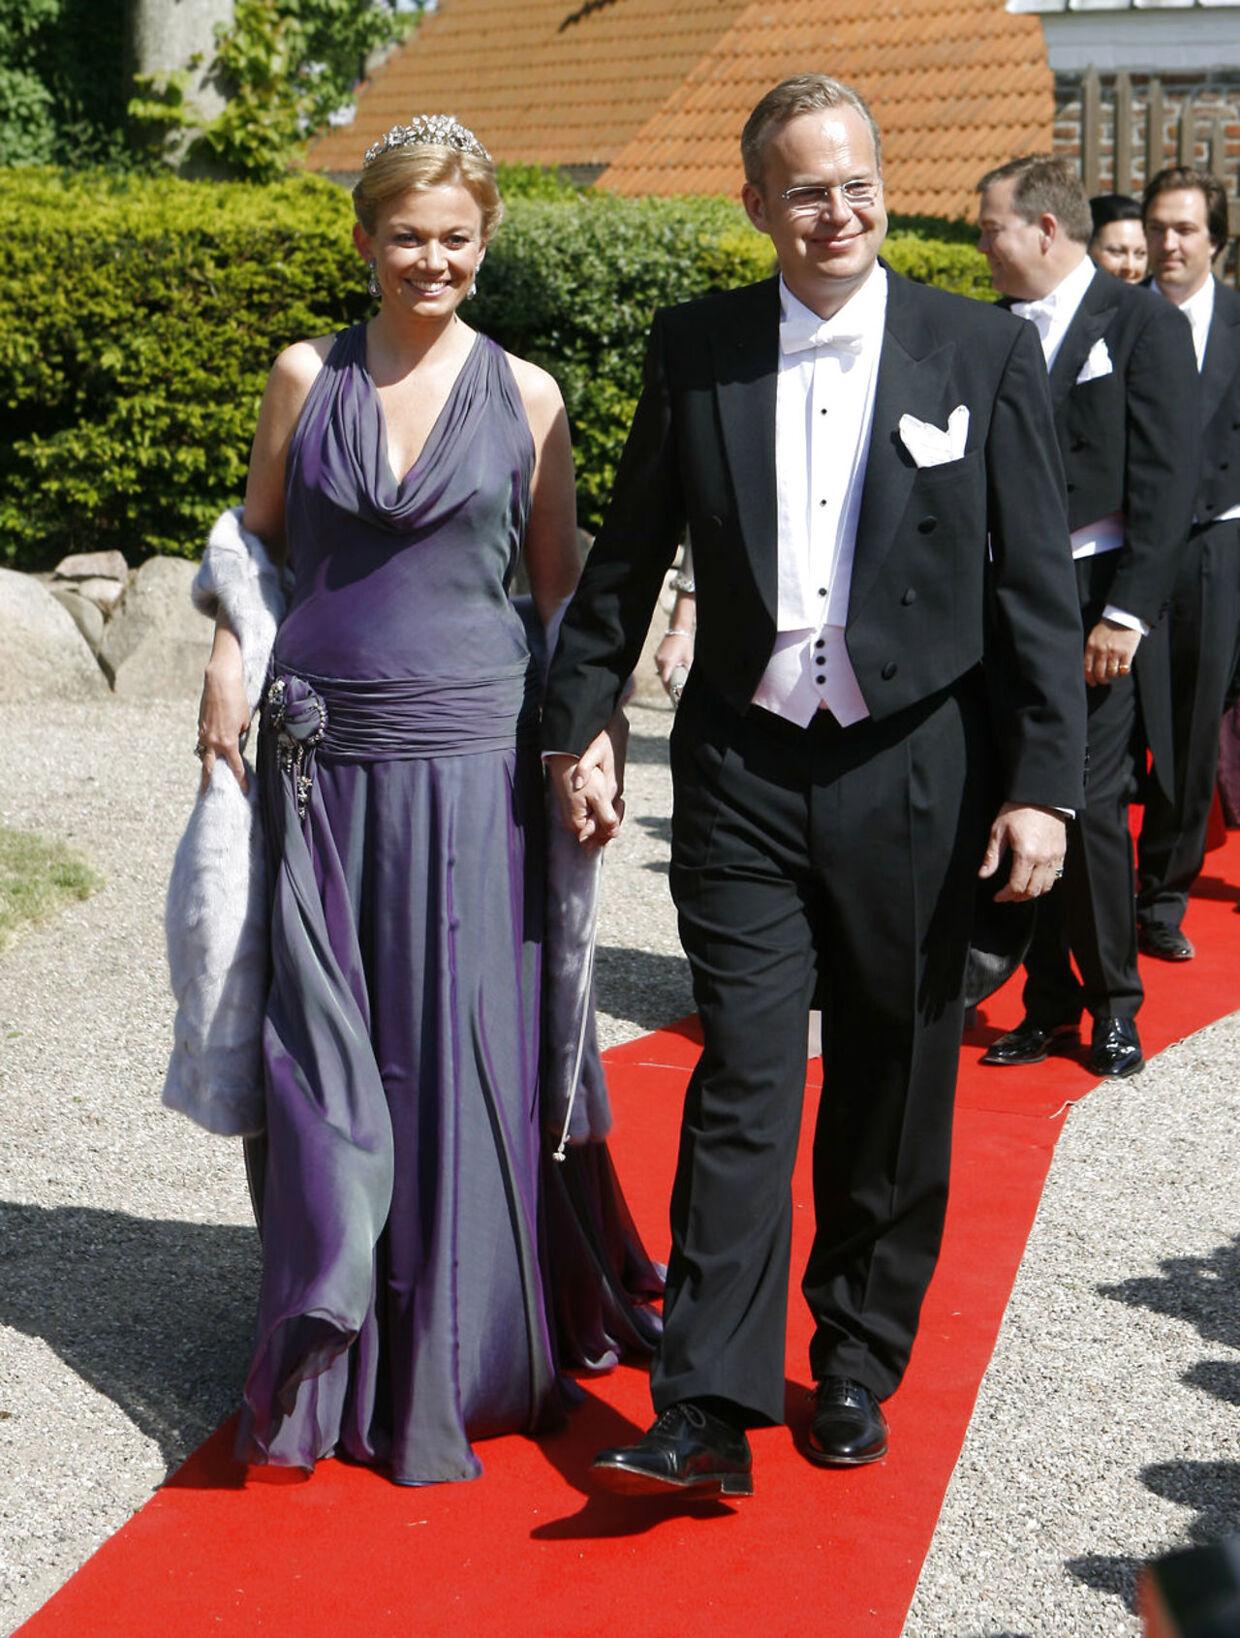 Grevinde Caroline Søeborg Ahlefeldt-Laurvig-Bille og Michael Ahlefeldt-Laurvig-Bille har tætte forbindelser til de kongelige. Her ses de ved prins Joachim og prinsesse Maries bryllup.